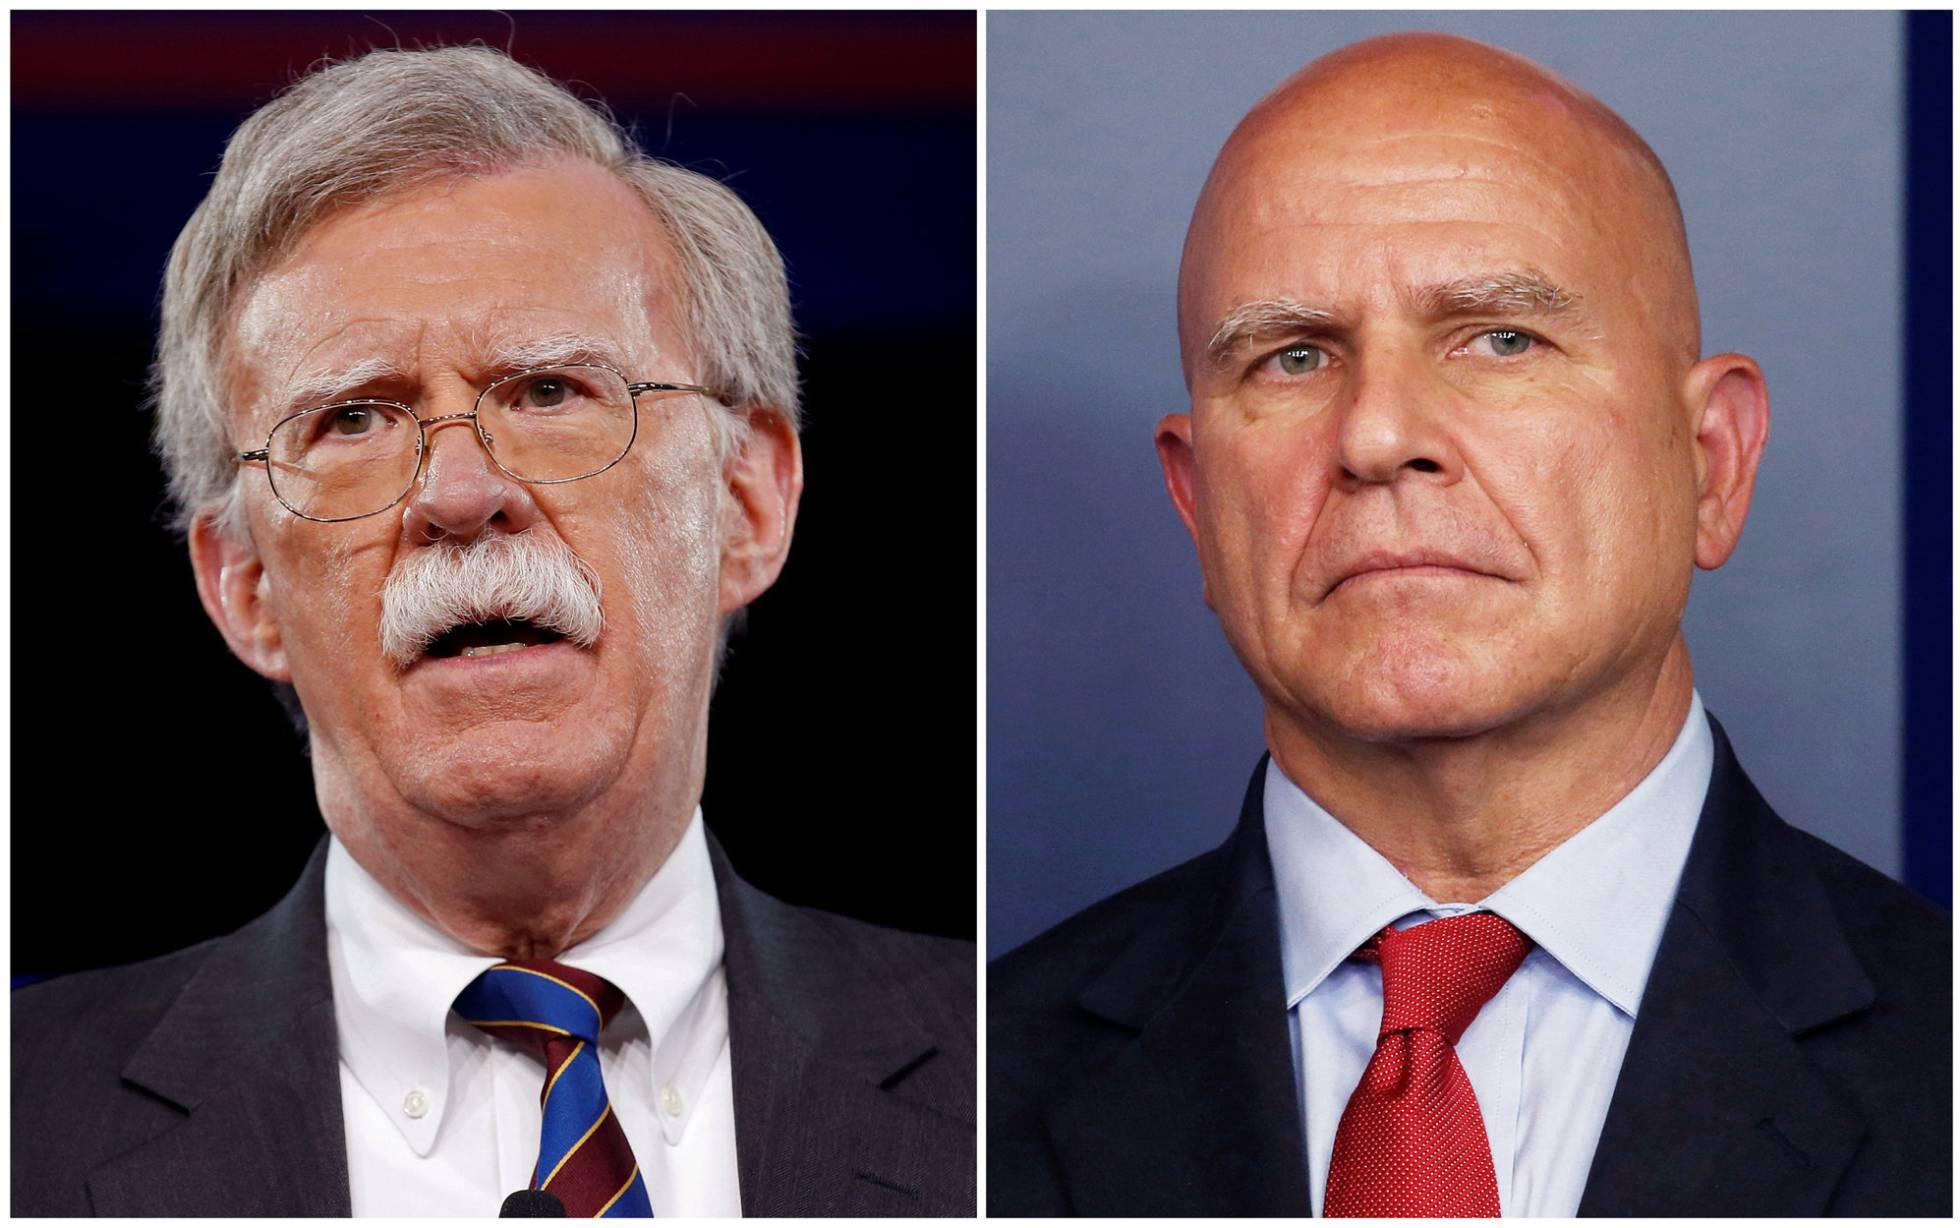 Trump culmina su giro a la derecha con el cese del general McMaster